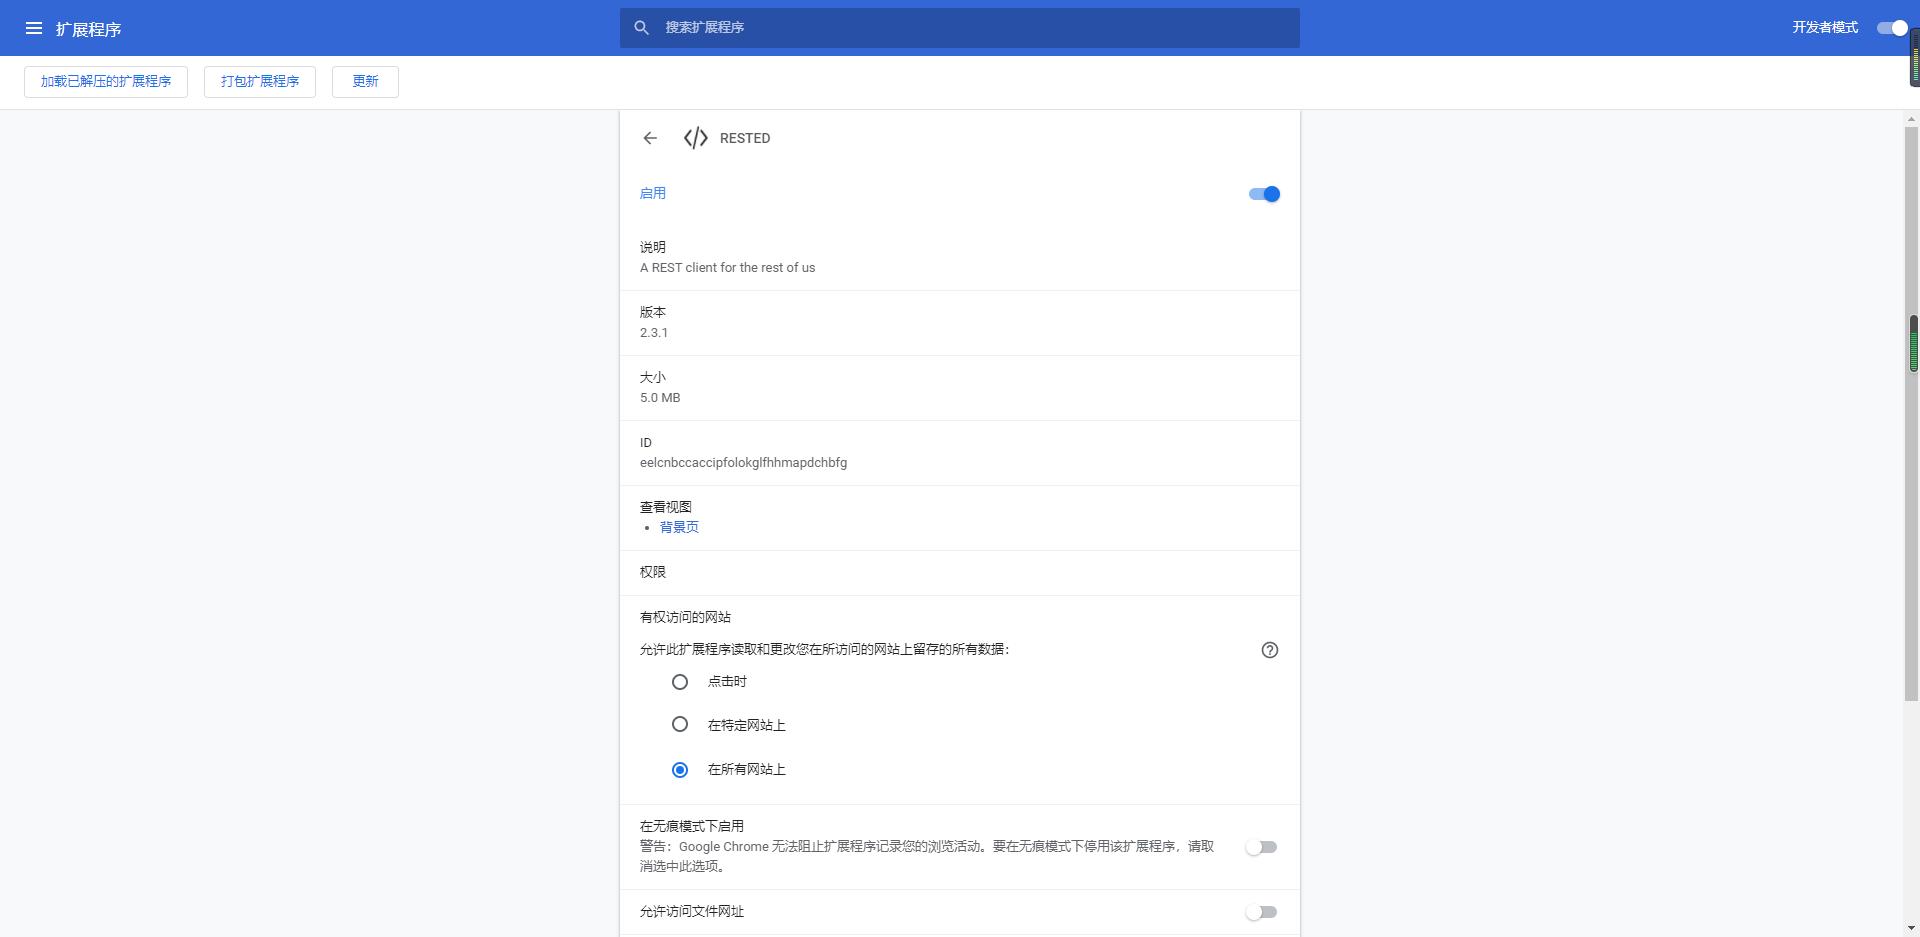 RESTED Chrome版 v2.3.1 谷歌版 0